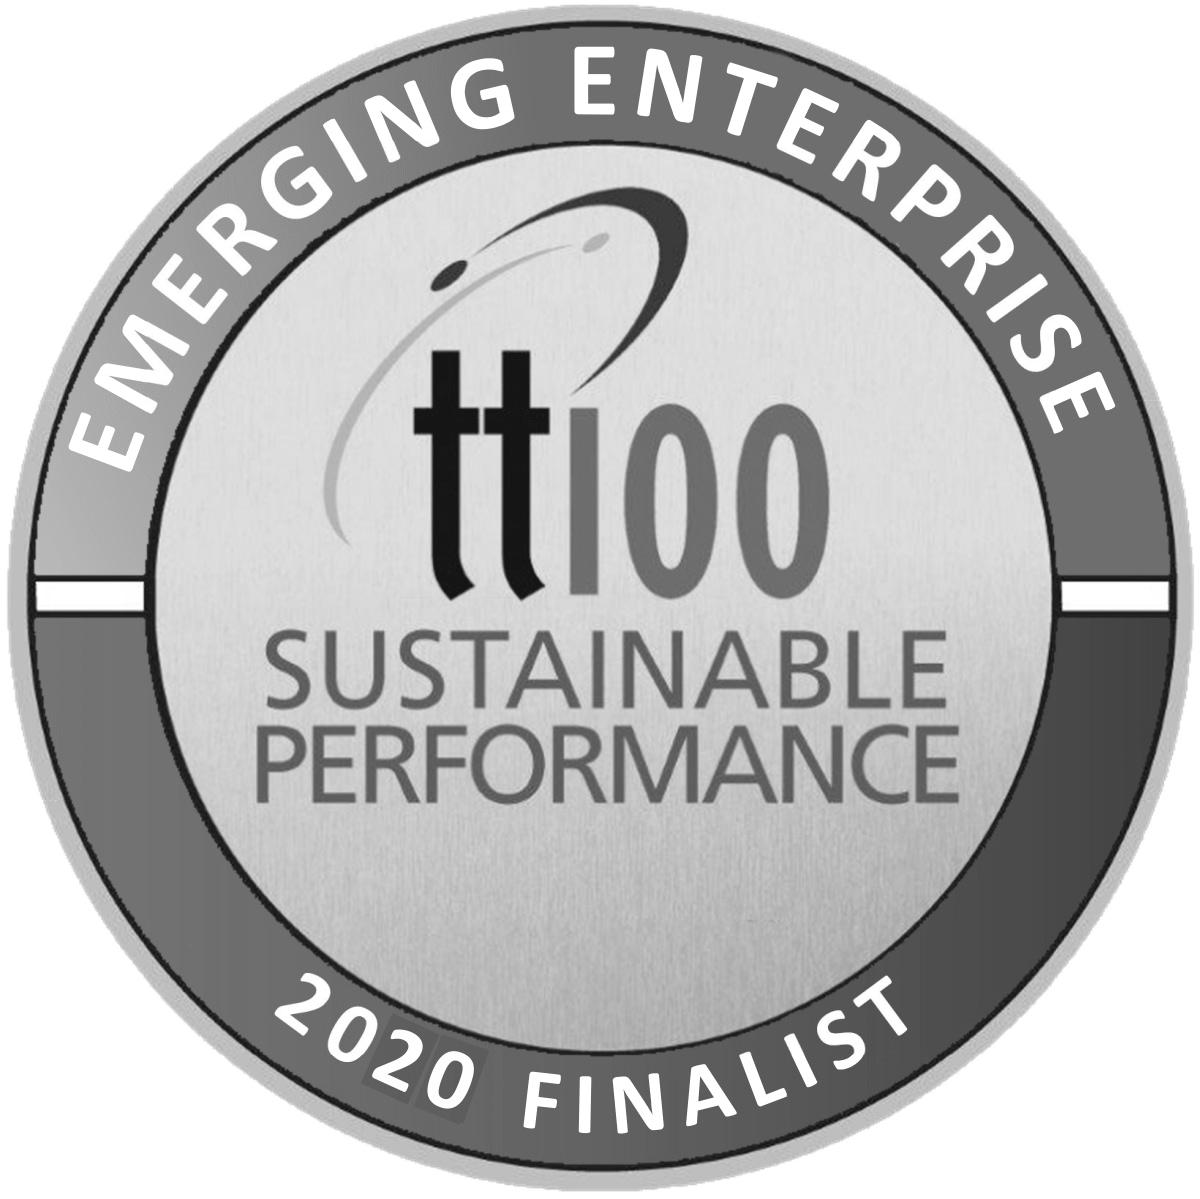 tt100-seal-sustainable-performance-2020-finalist